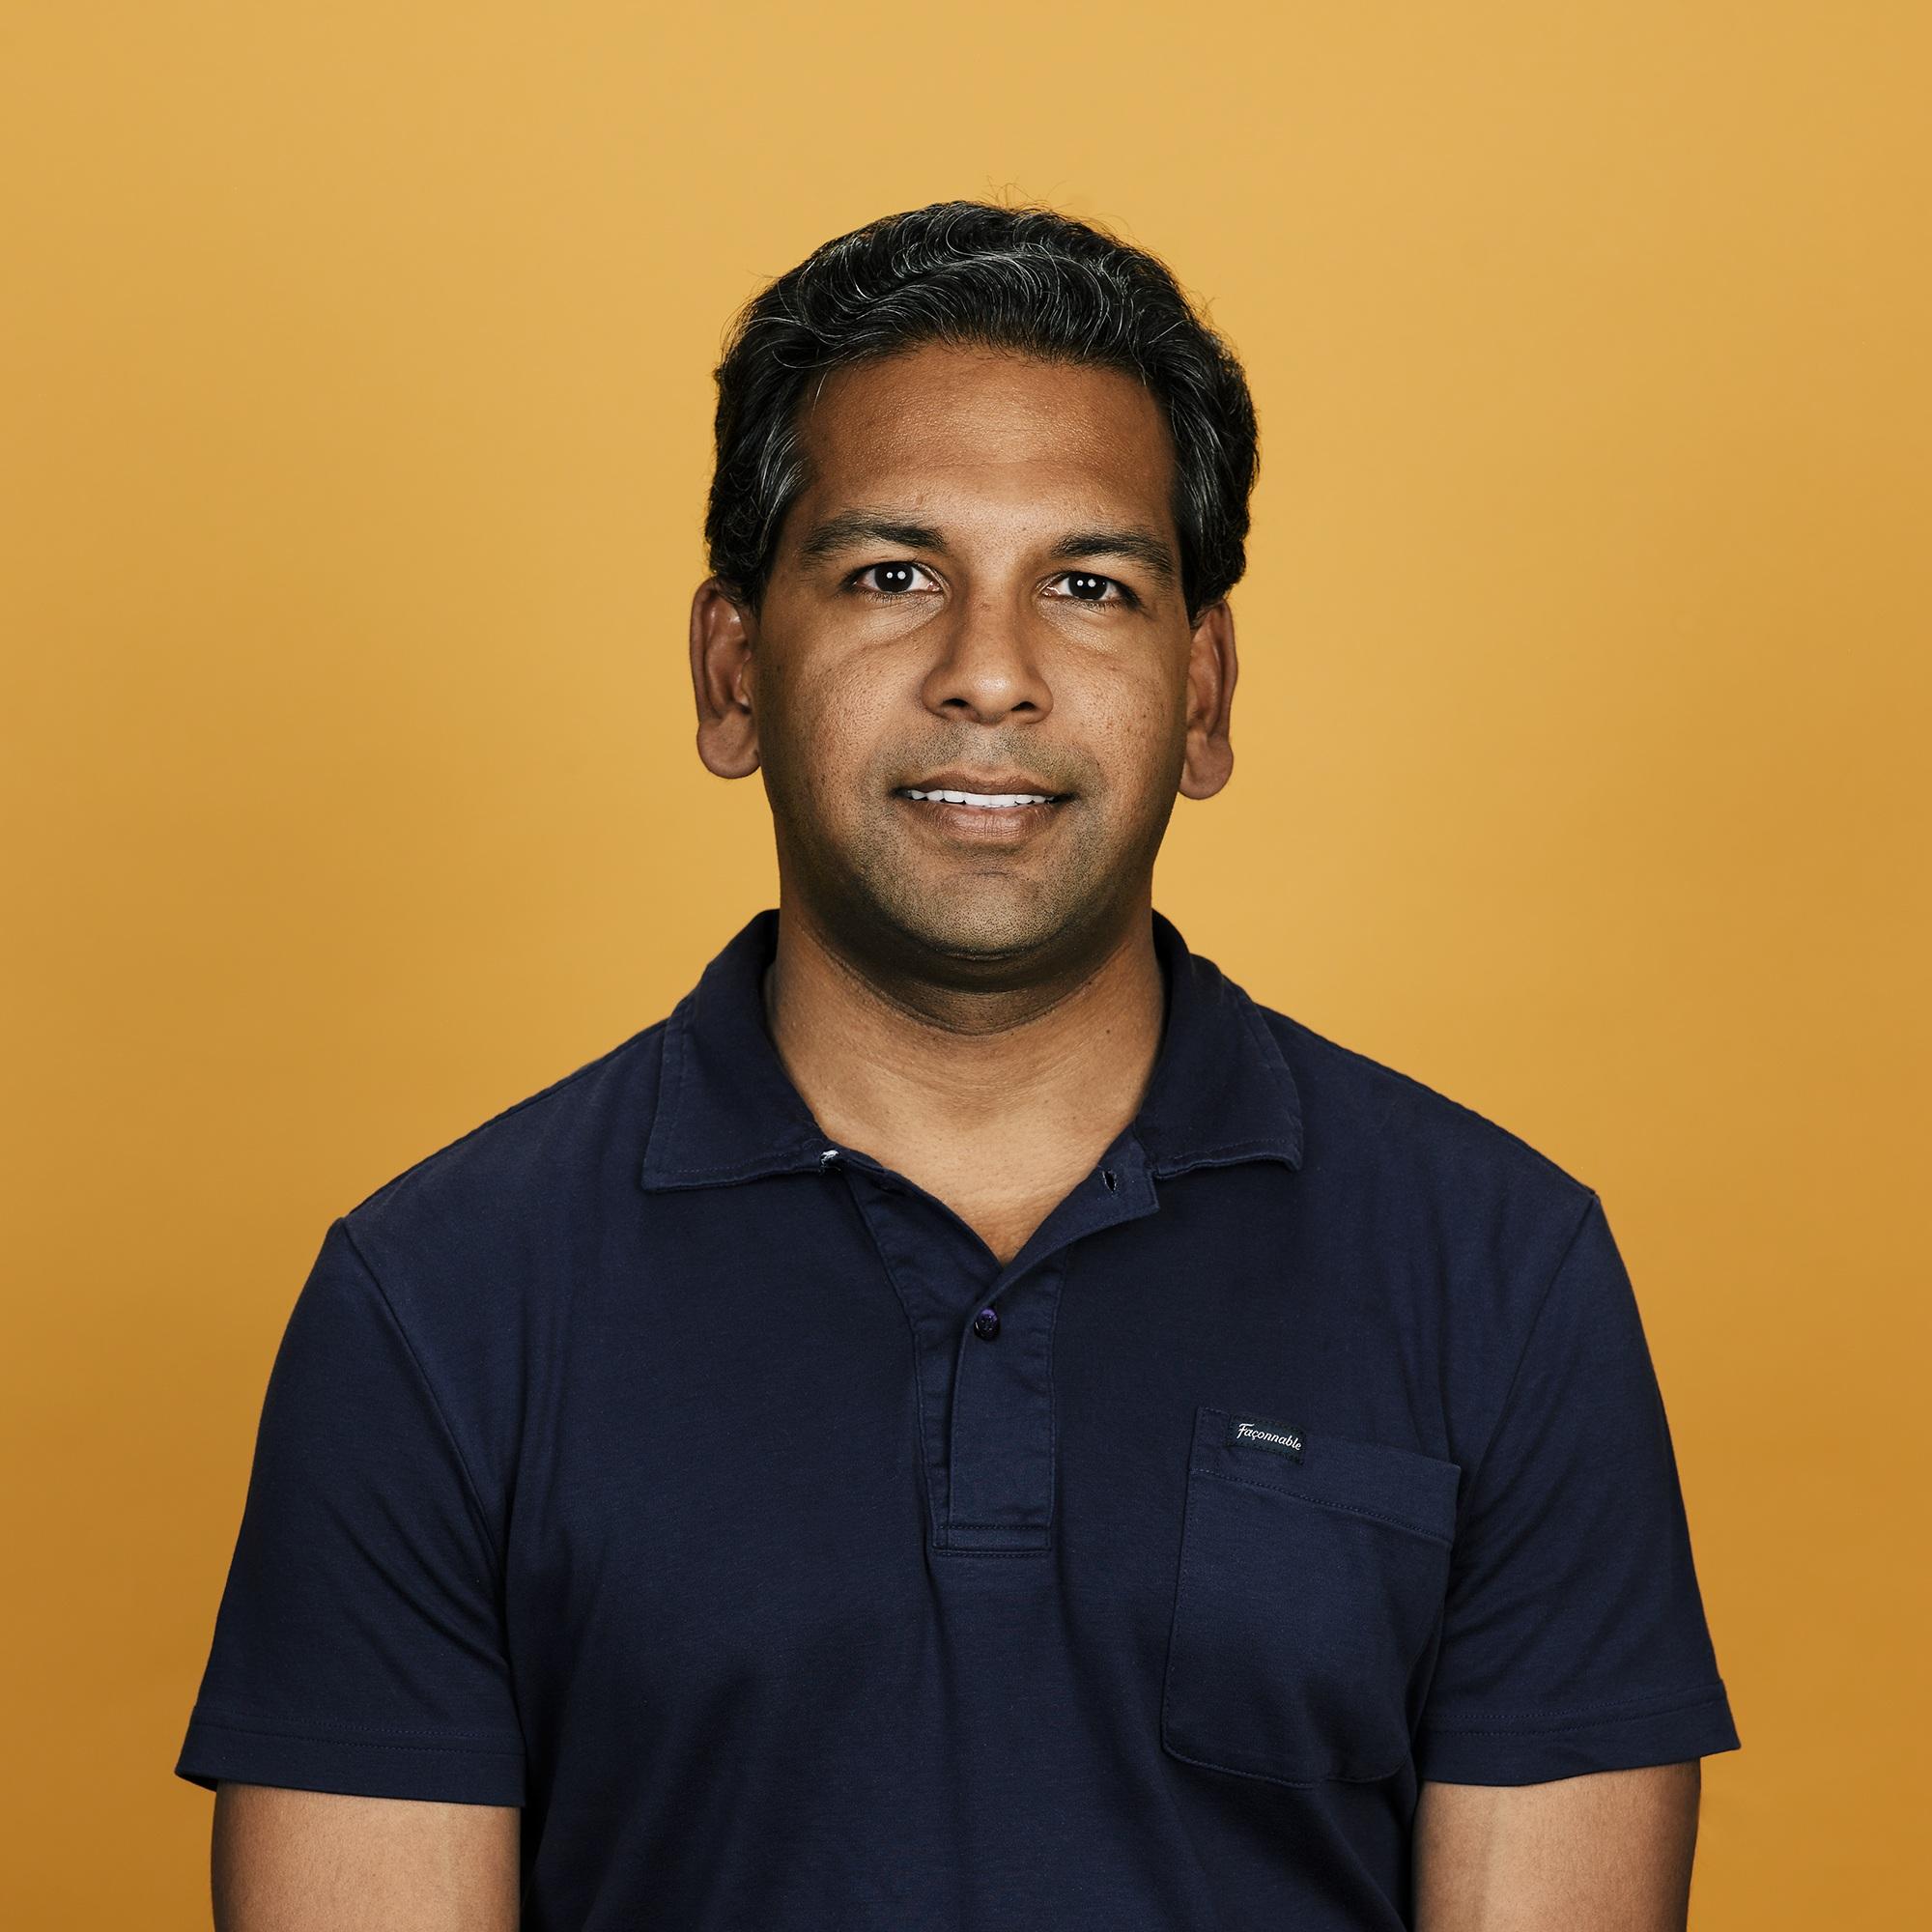 Vivek Garipalli - CO-FOUNDER OF CLOVER HEALTH